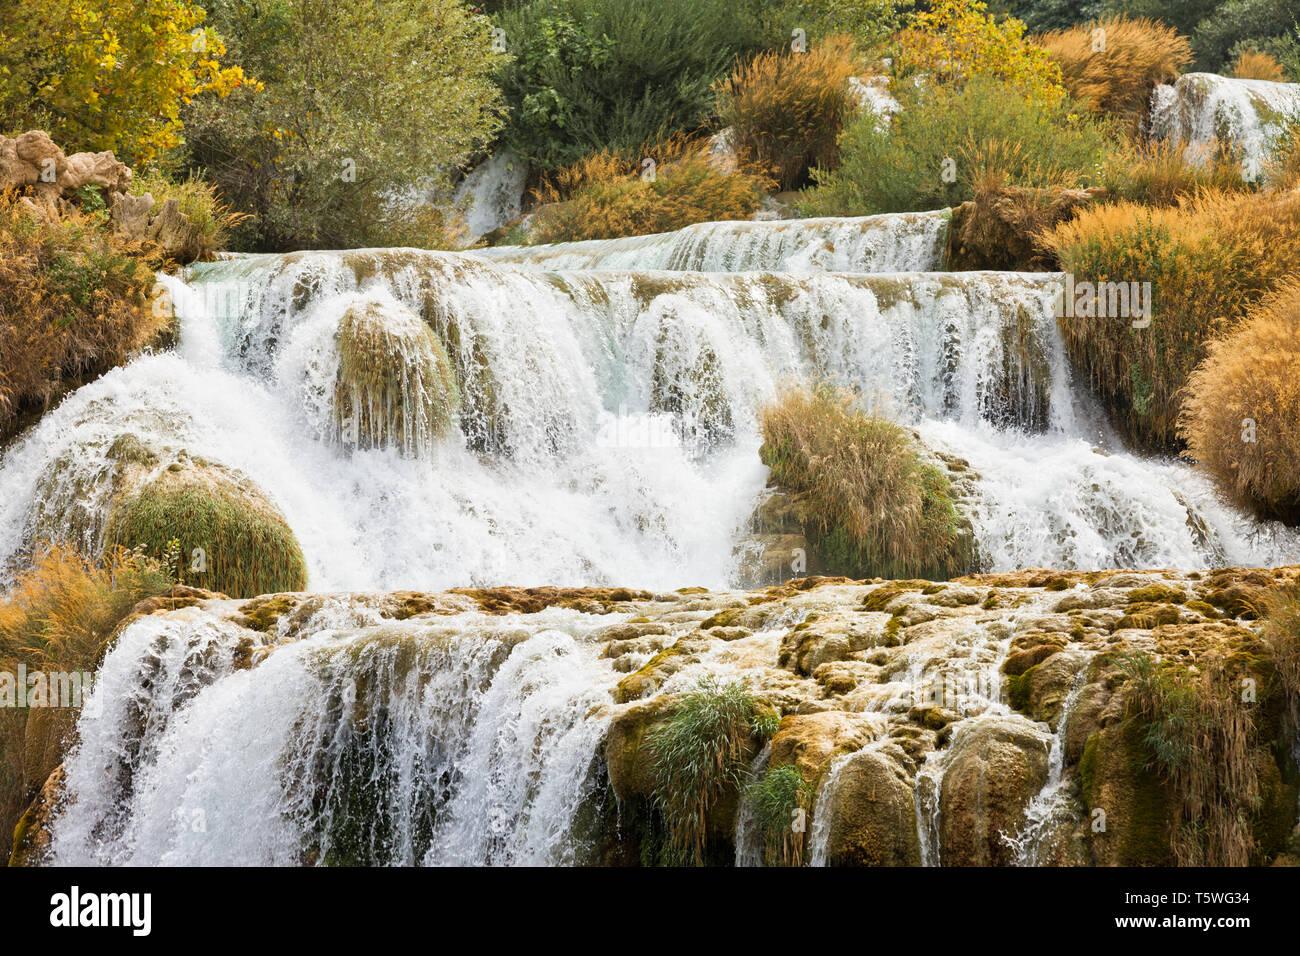 Krka, Sibenik, Kroatien, Europa - Erleben Sie die Kraft von Wasser bei der katarakt Krka Stockfoto